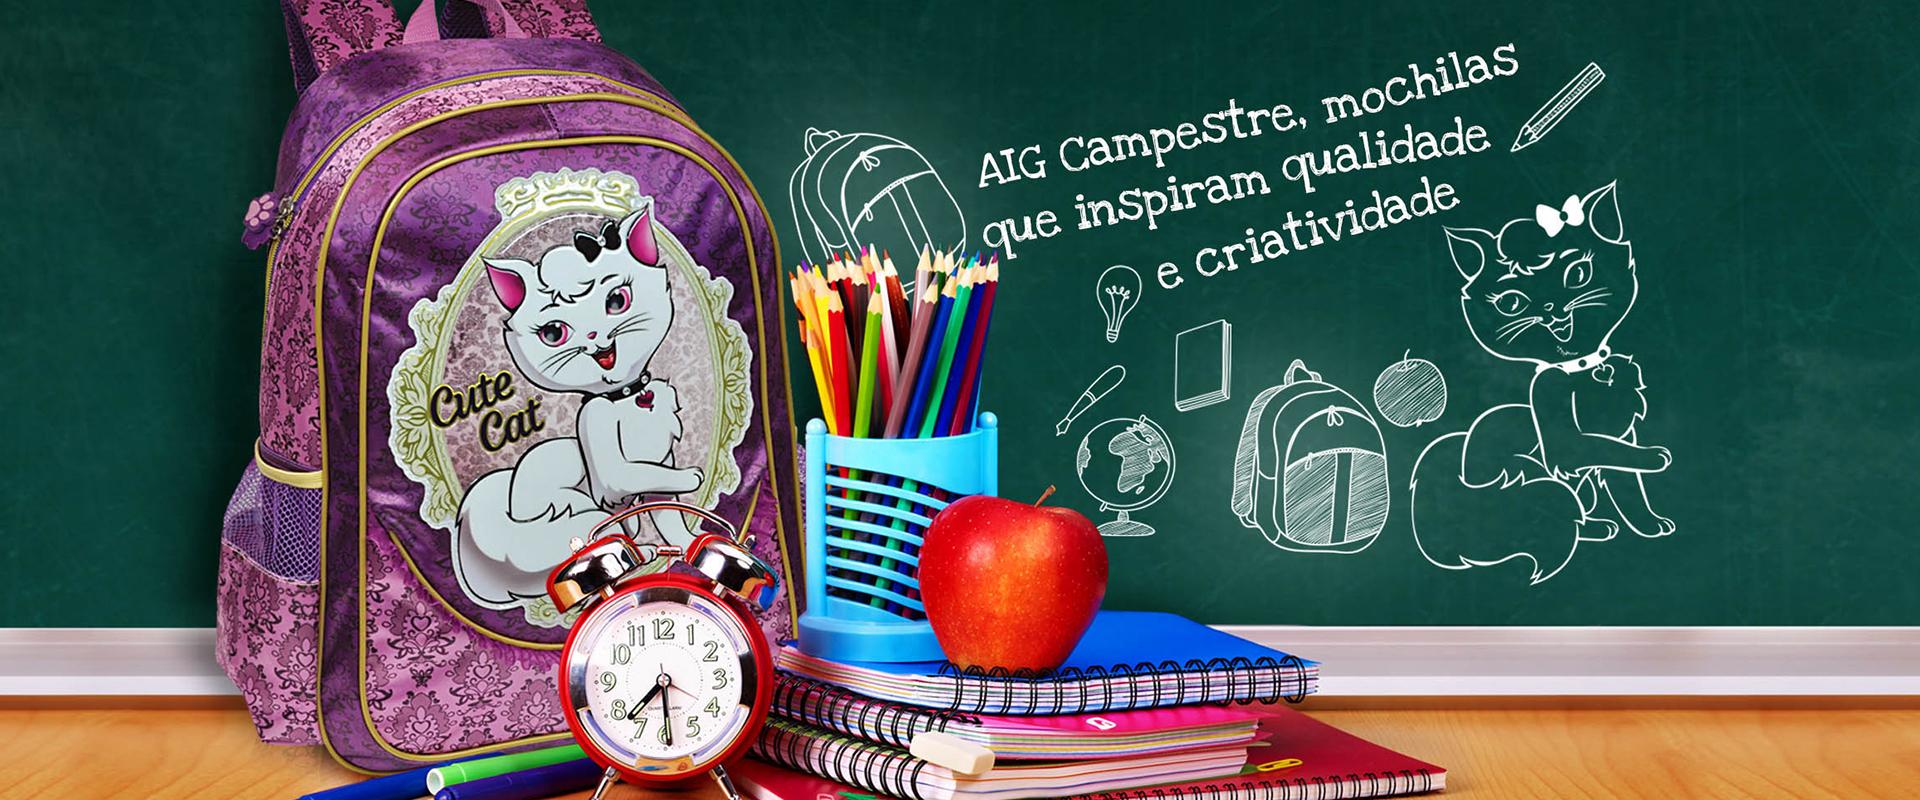 slide3-aig-campestre